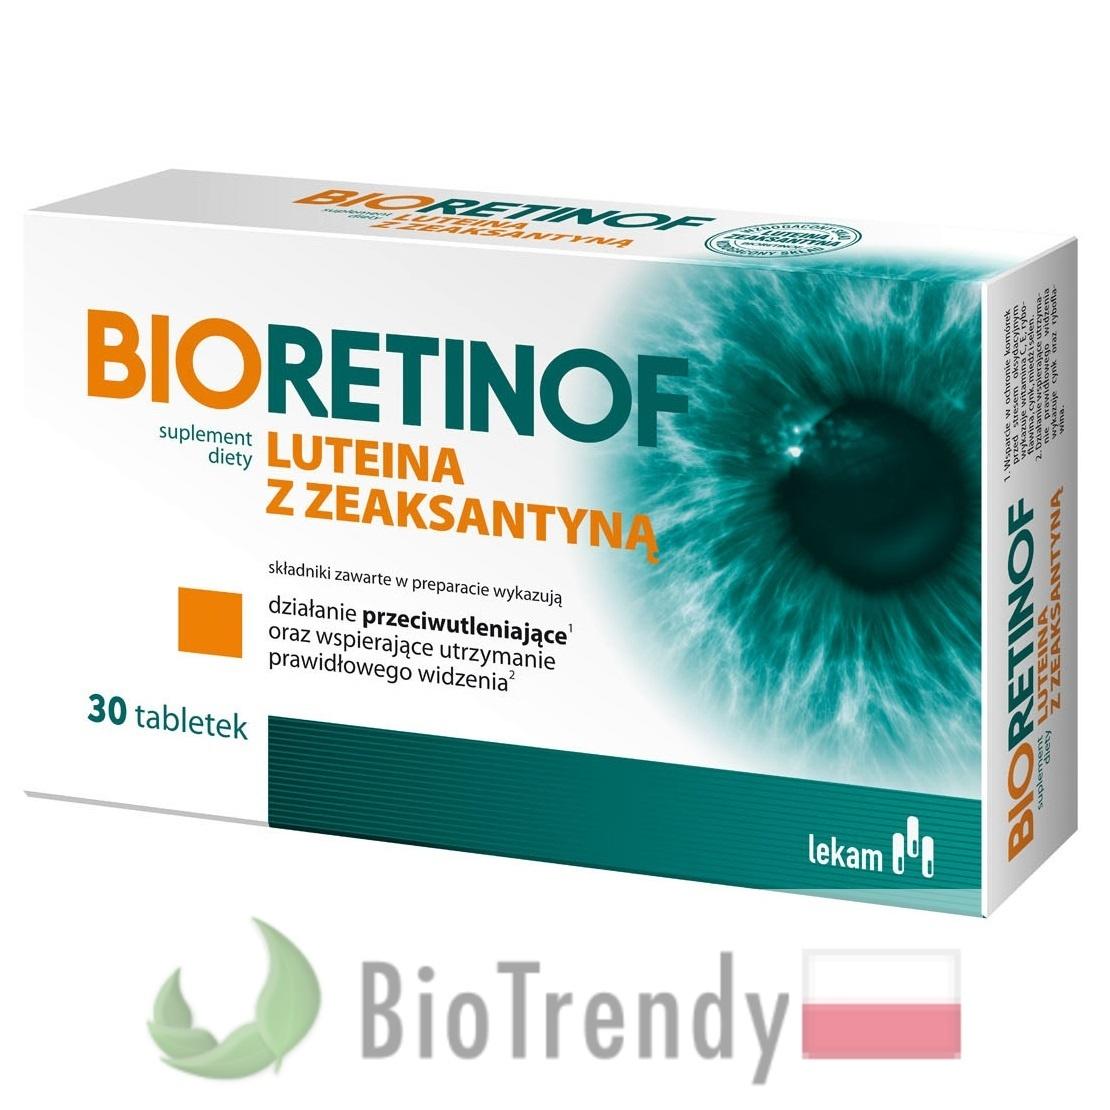 tabletki na oczy - tabletki na wzrok - tabletki na słuch - wzrok - oczy - słuch - wady wzroku - głuchota - wady słuchu